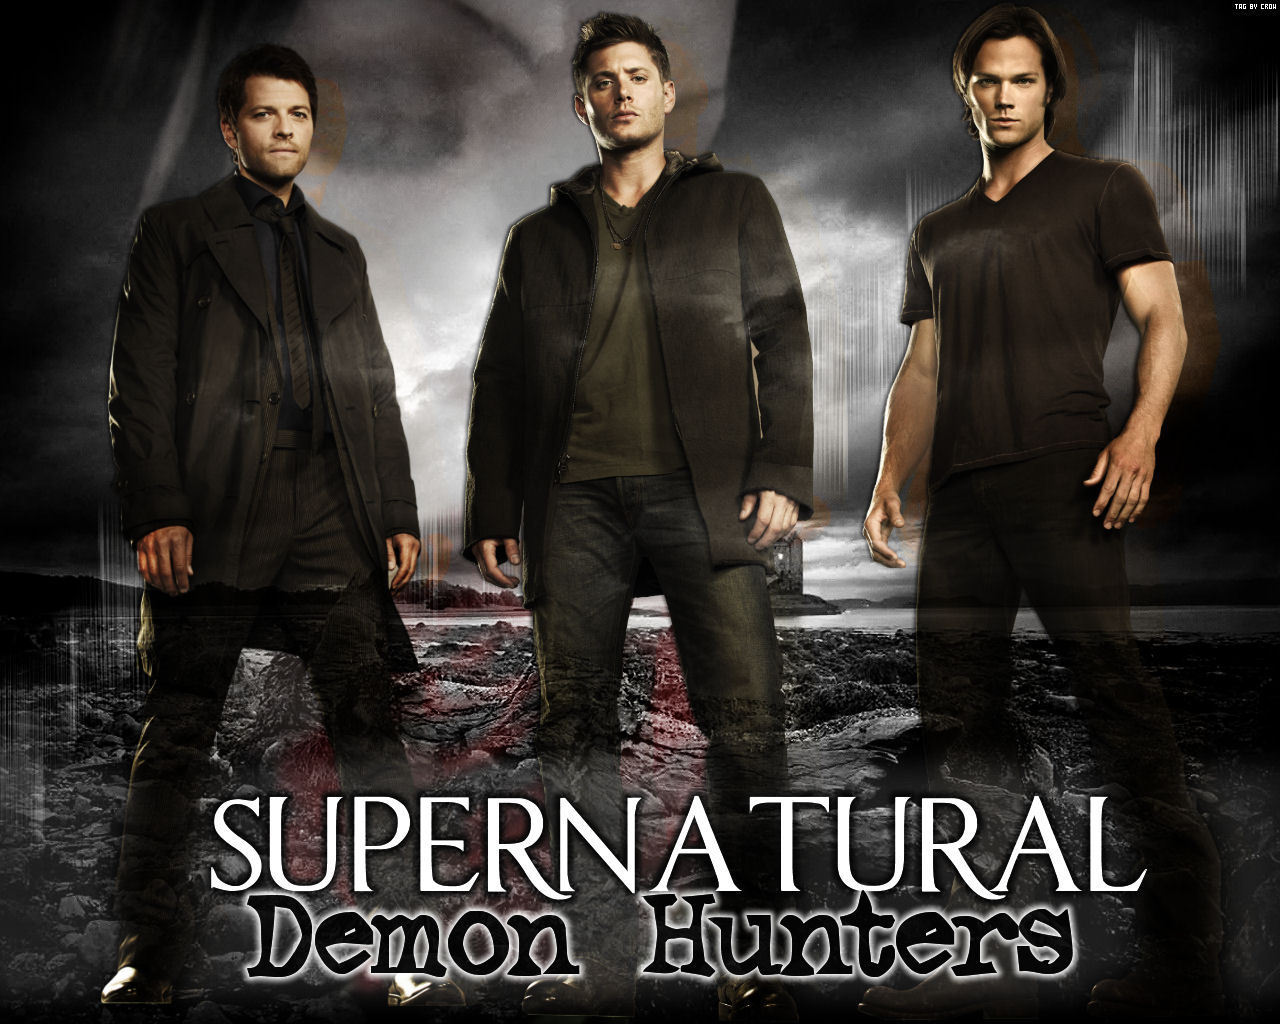 http://4.bp.blogspot.com/-OXdV0Rv0zoU/UM5GGebIKfI/AAAAAAACJ04/0aJHUy2mMXE/s1600/supernatural_poster75.jpg